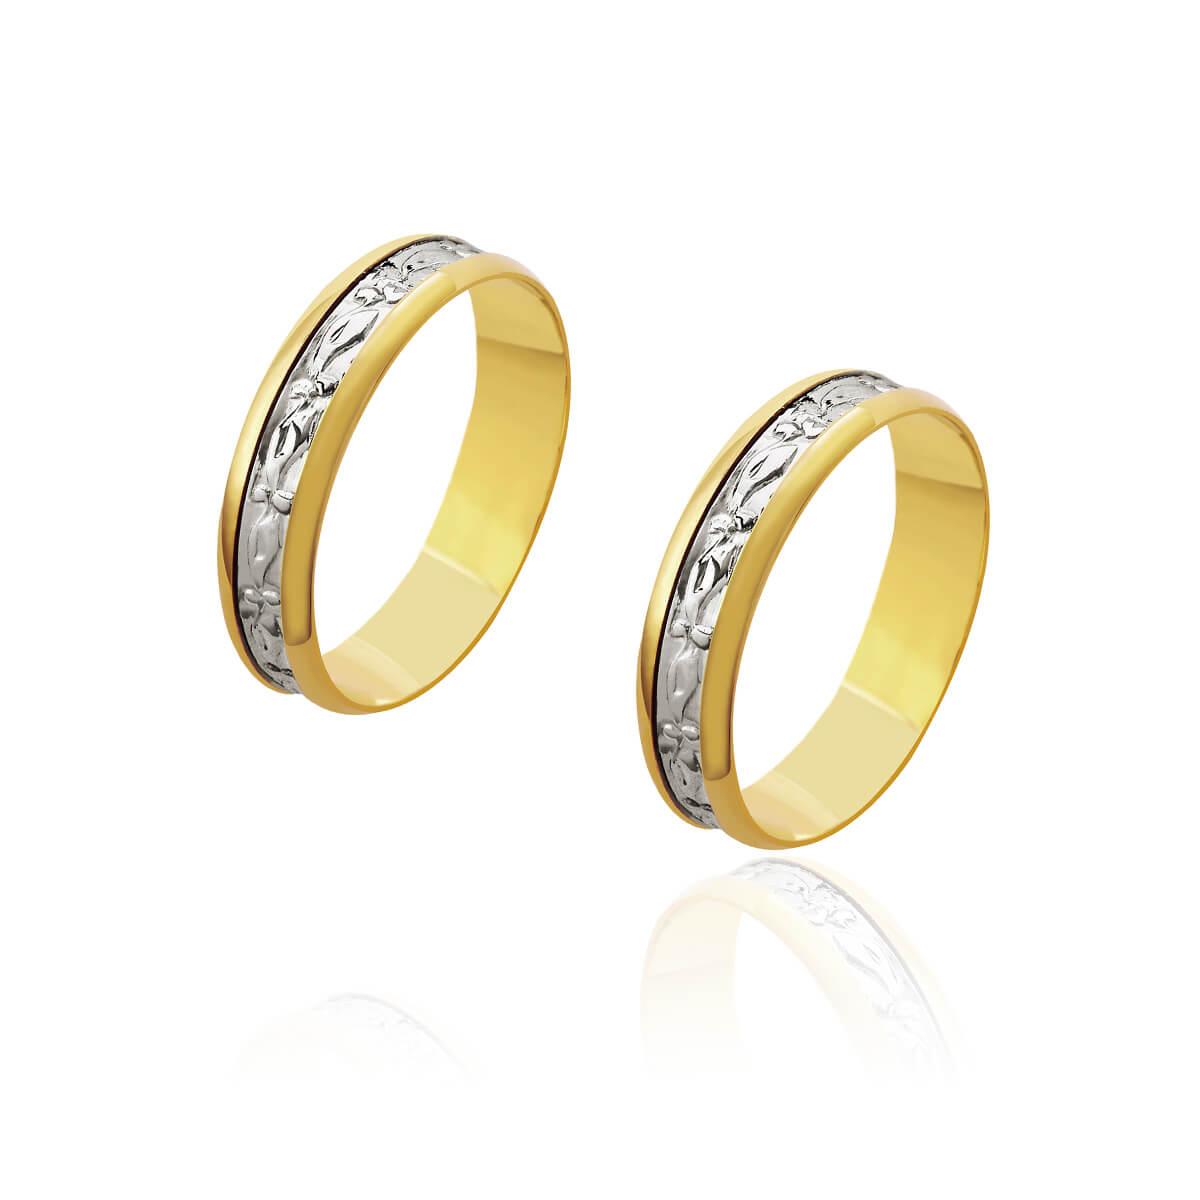 Par de Alianças de Casamento Zeus Trabalhada Ouro com Ouro Branco 5mm 6g